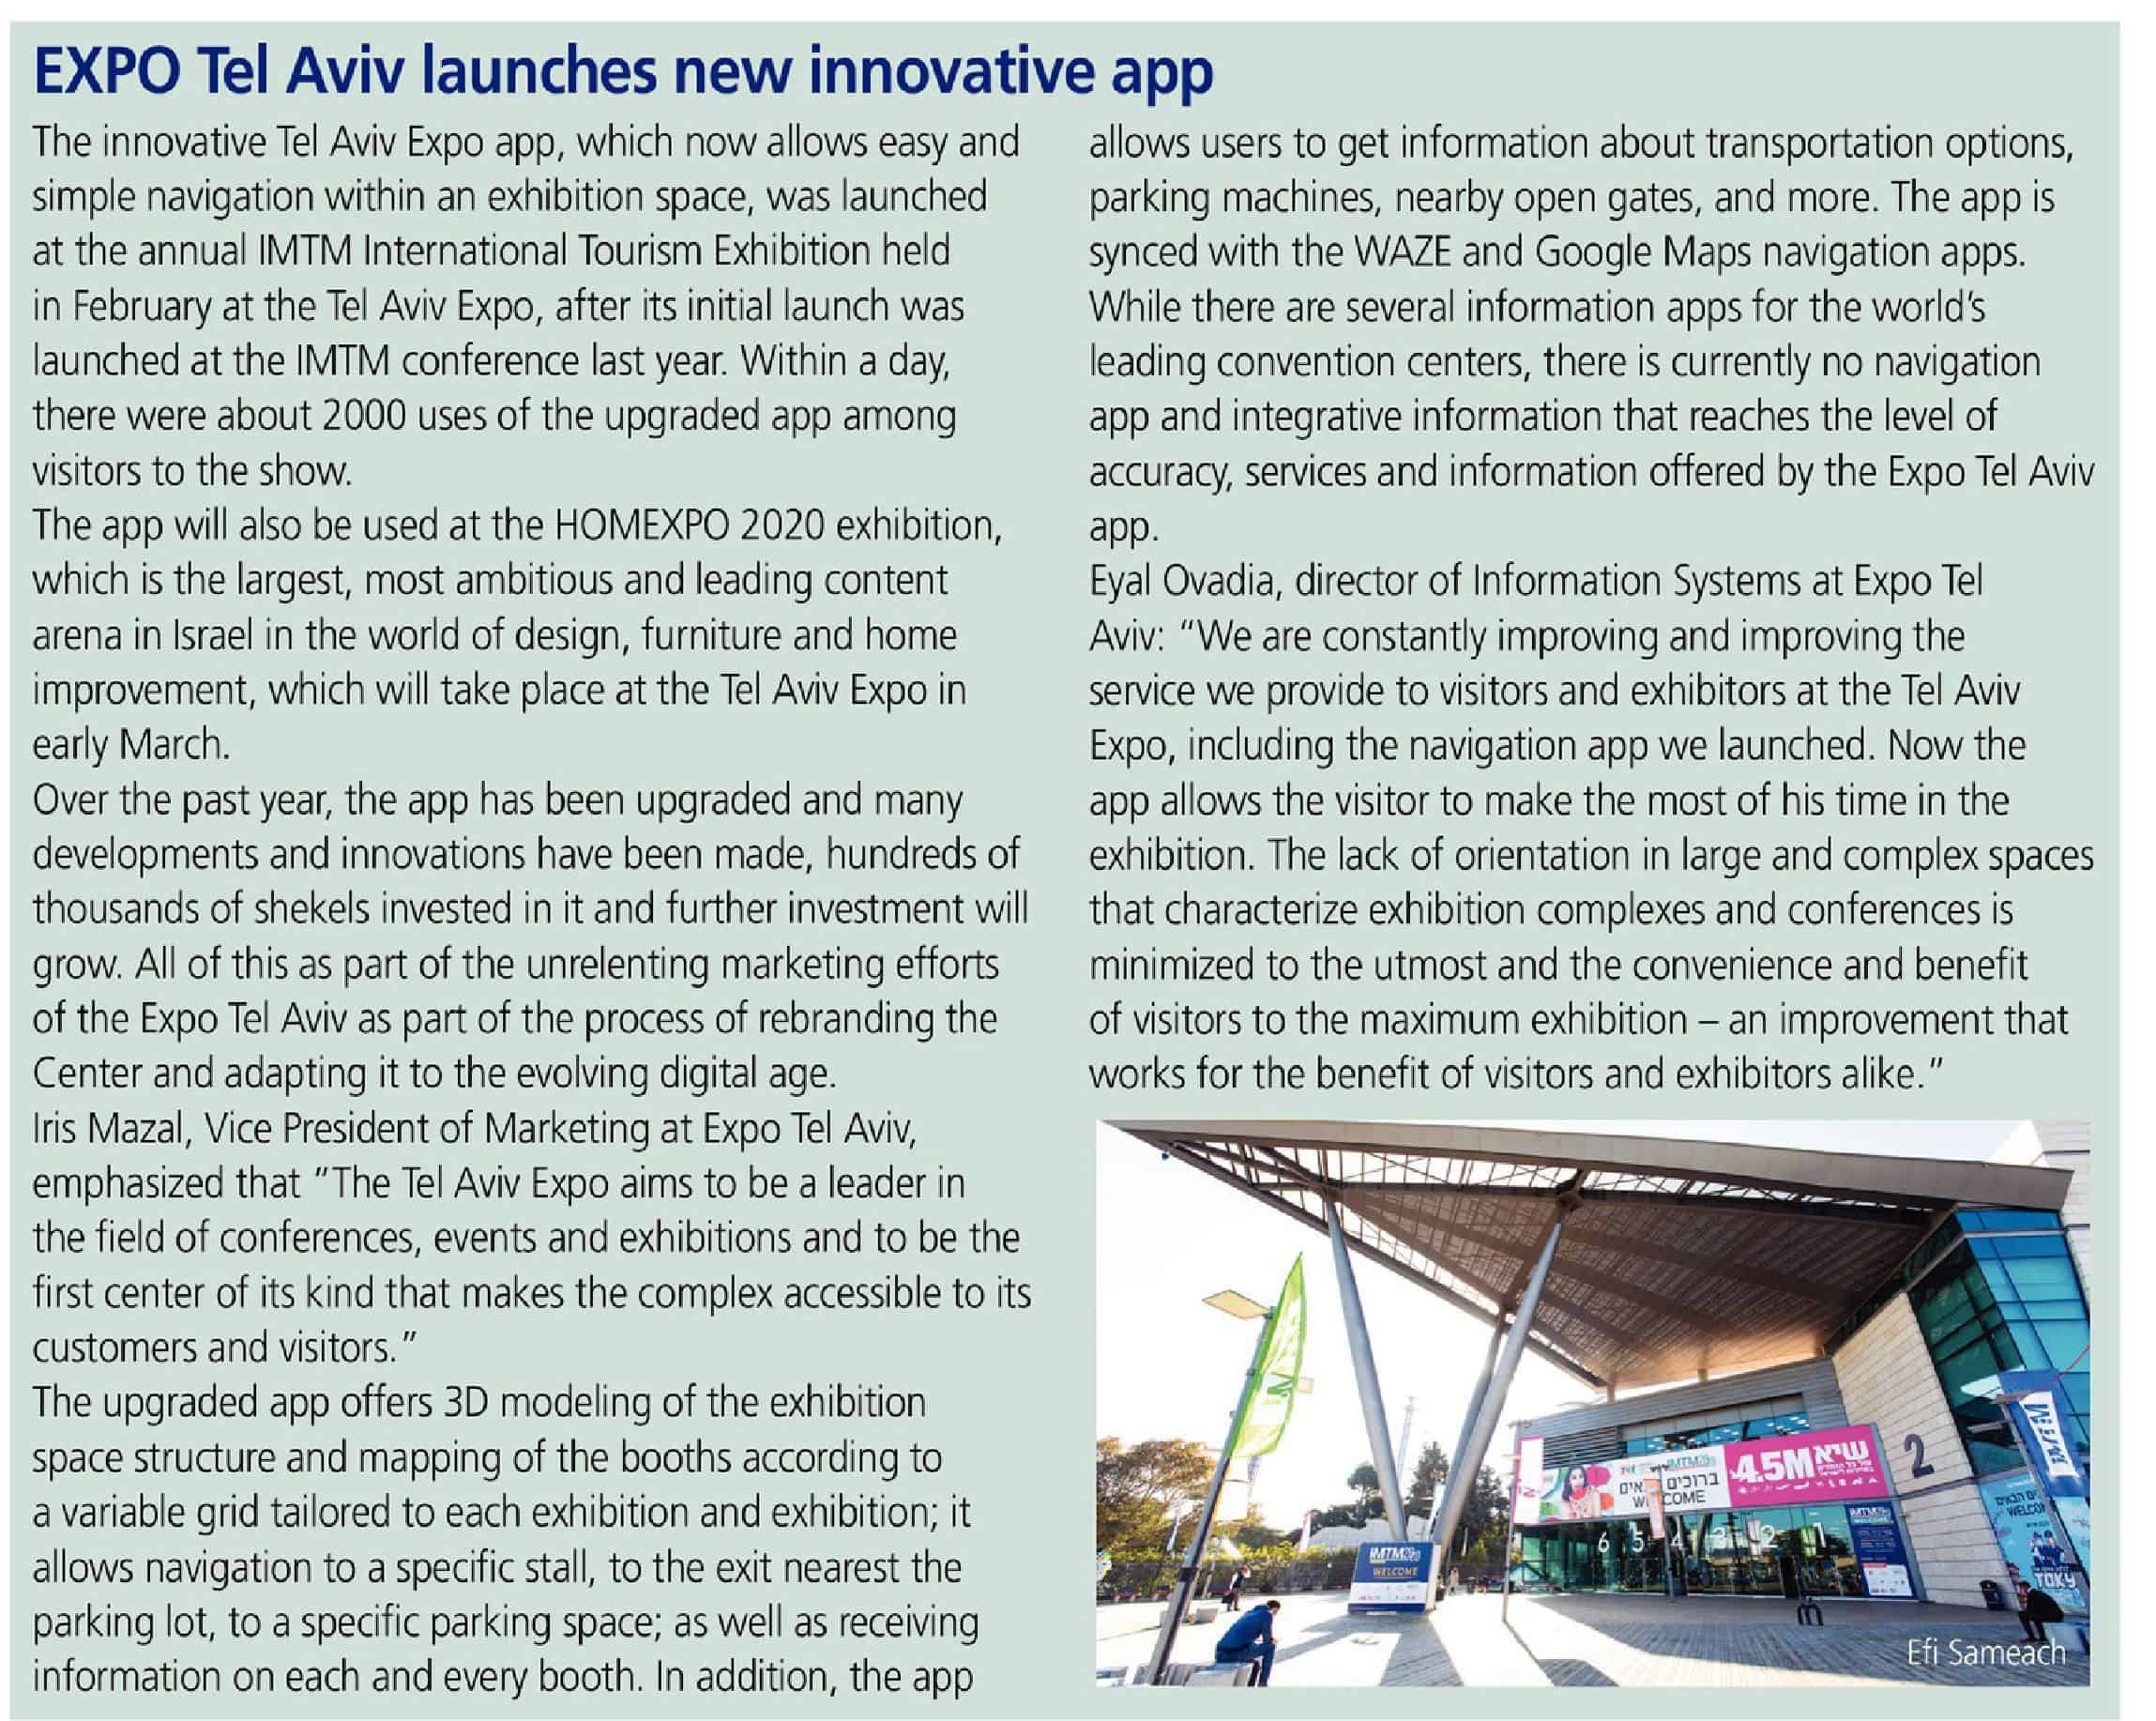 ITN - Expo Tel Aviv App